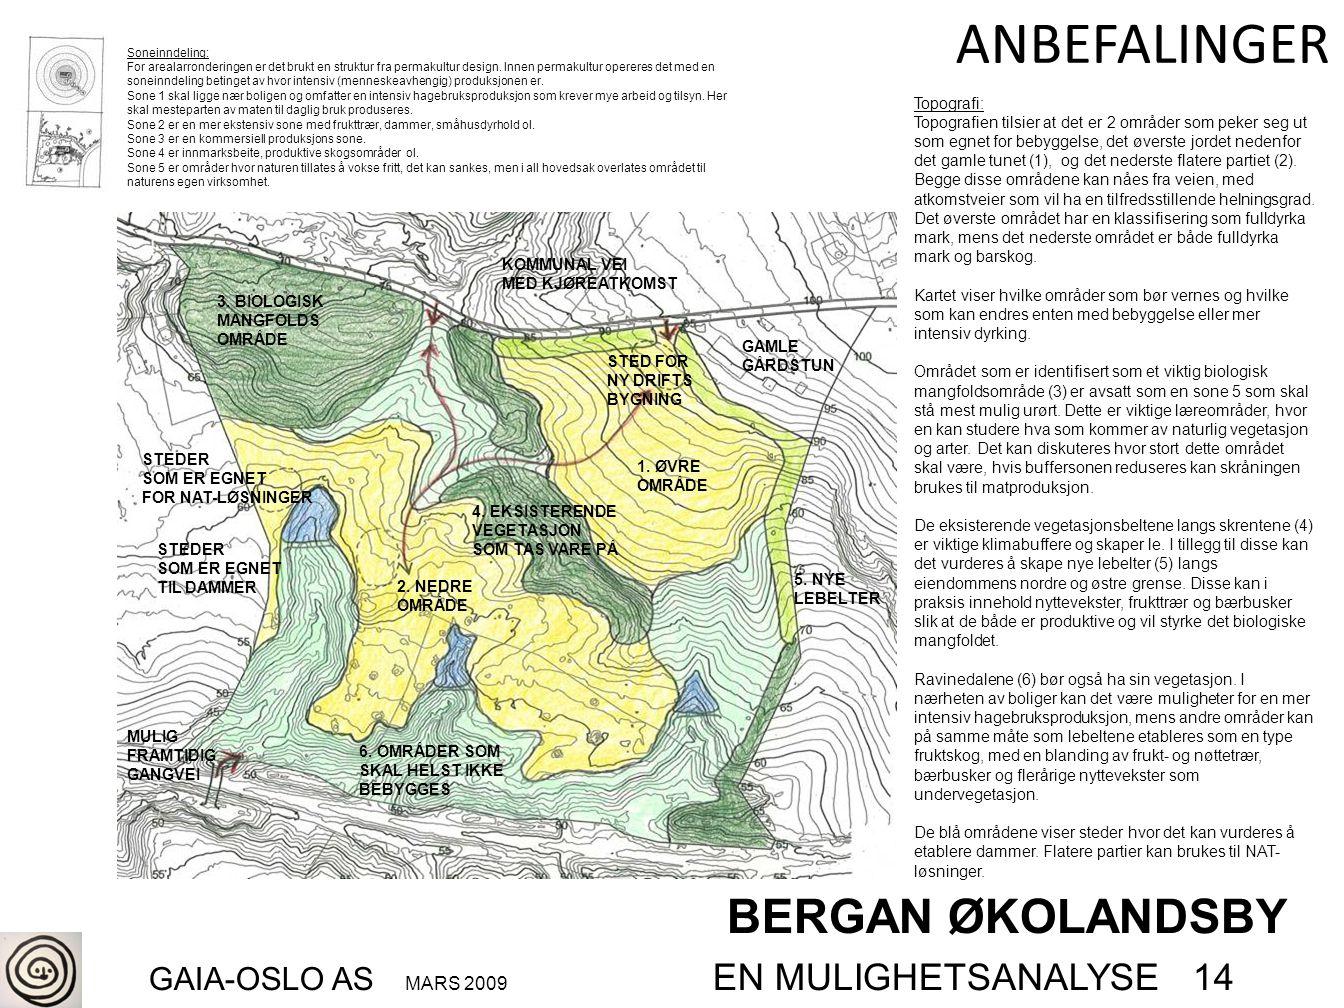 BERGAN ØKOLANDSBY GAIA-OSLO AS MARS 2009 EN MULIGHETSANALYSE 14 ANBEFALINGER Topografi: Topografien tilsier at det er 2 områder som peker seg ut som e